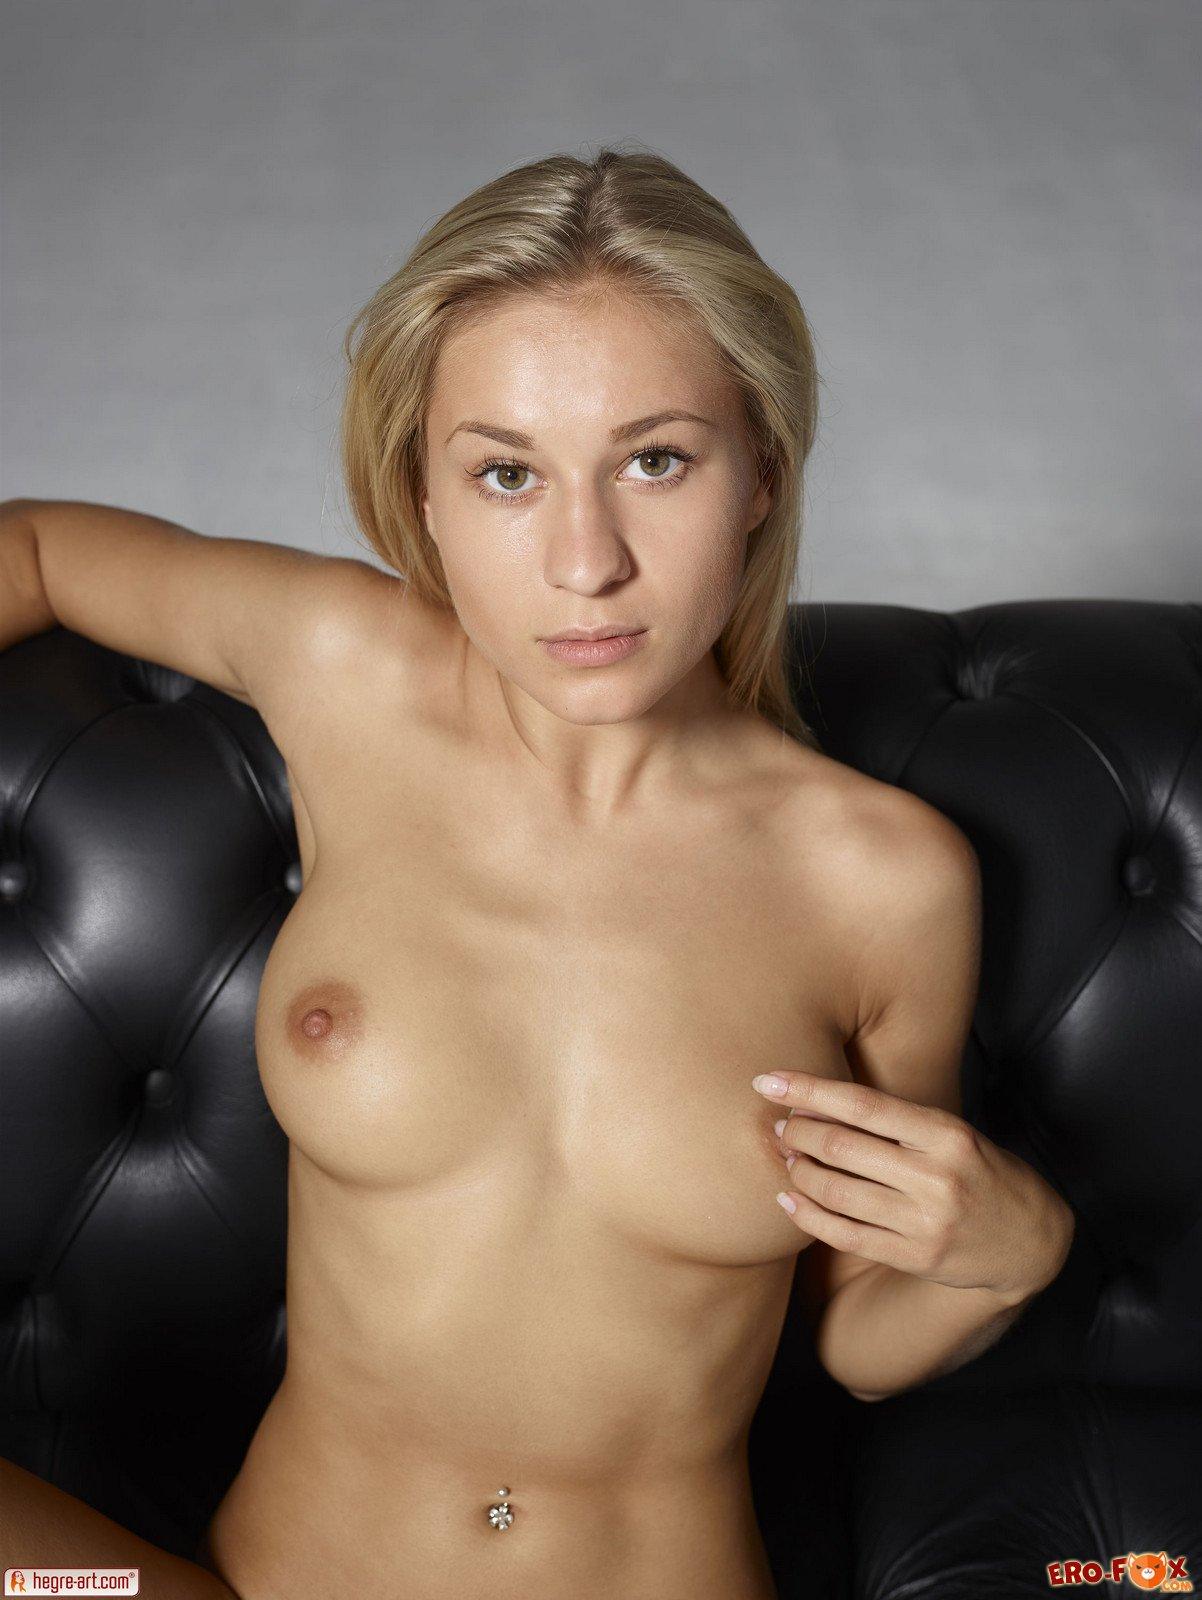 Русская сисястая блондинка сняла трусы